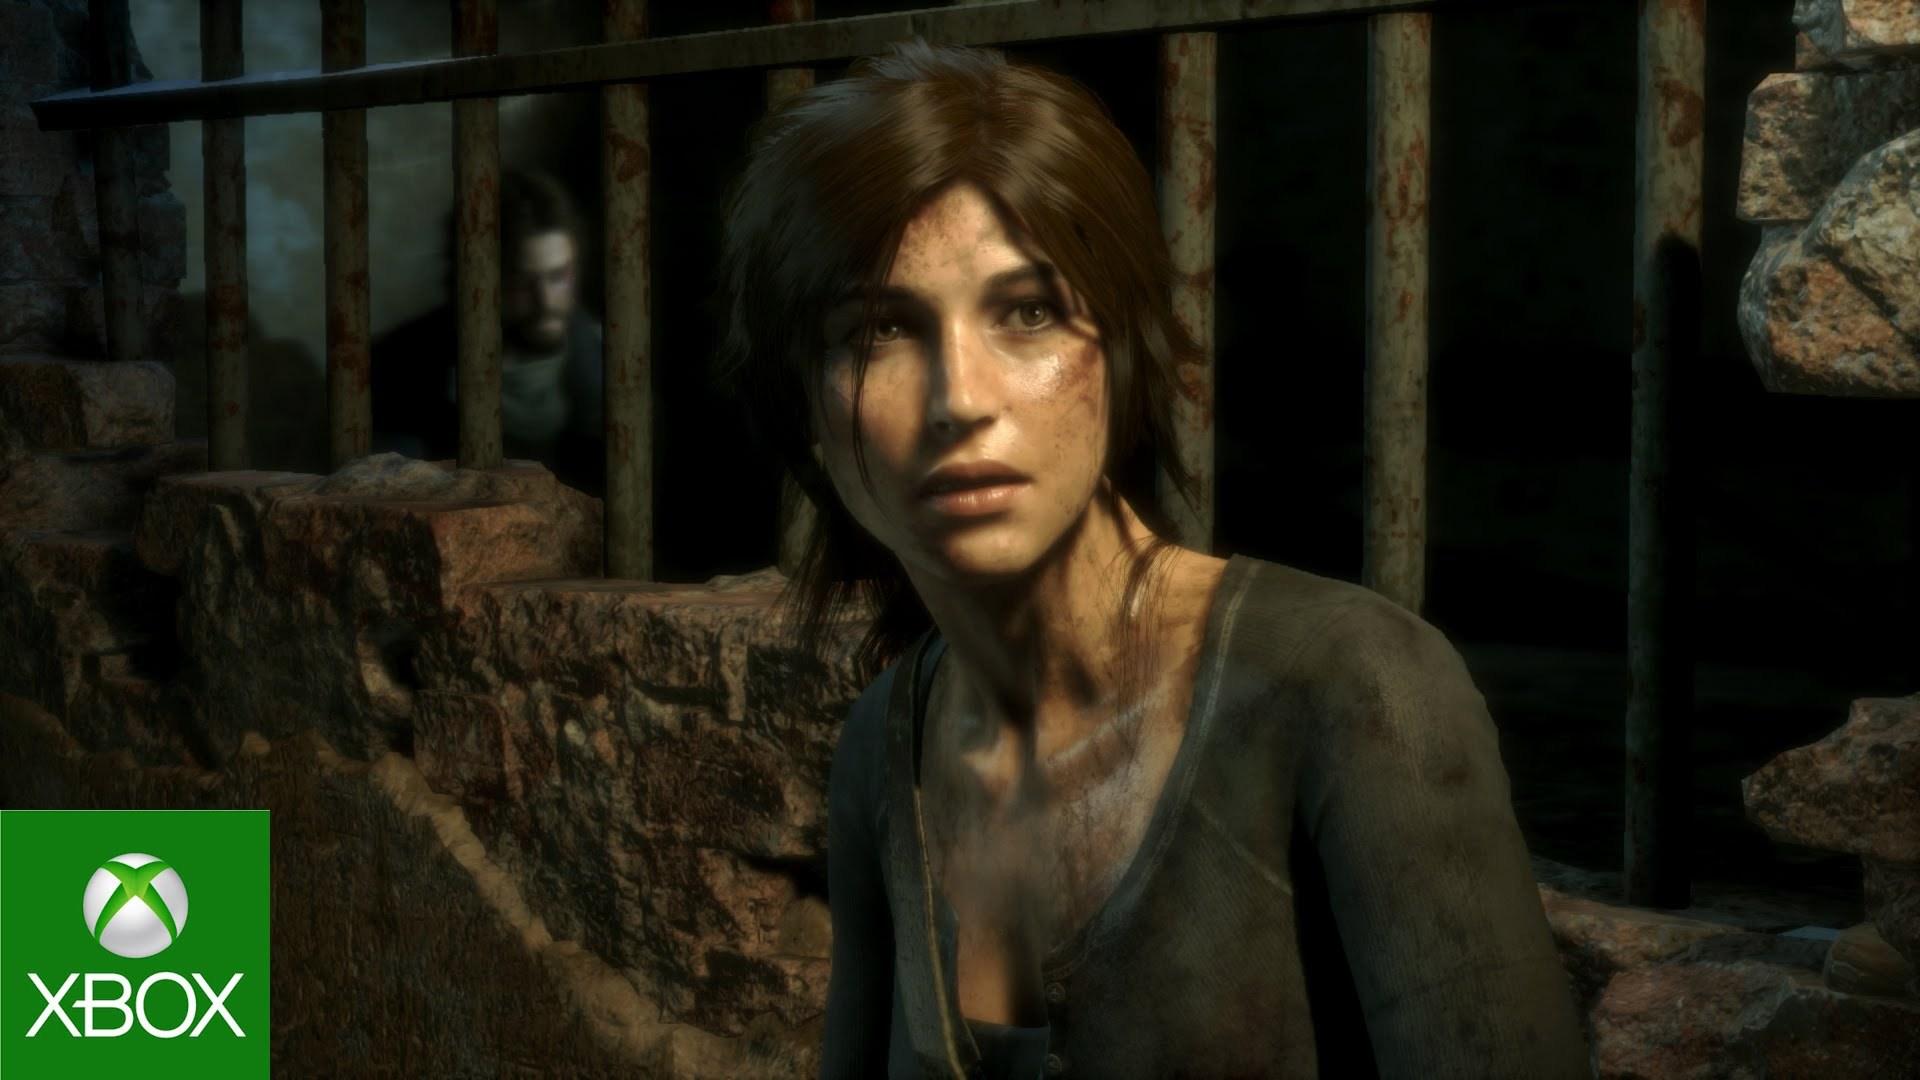 Descubra a lenda interior em Rise of the Tomb Raider